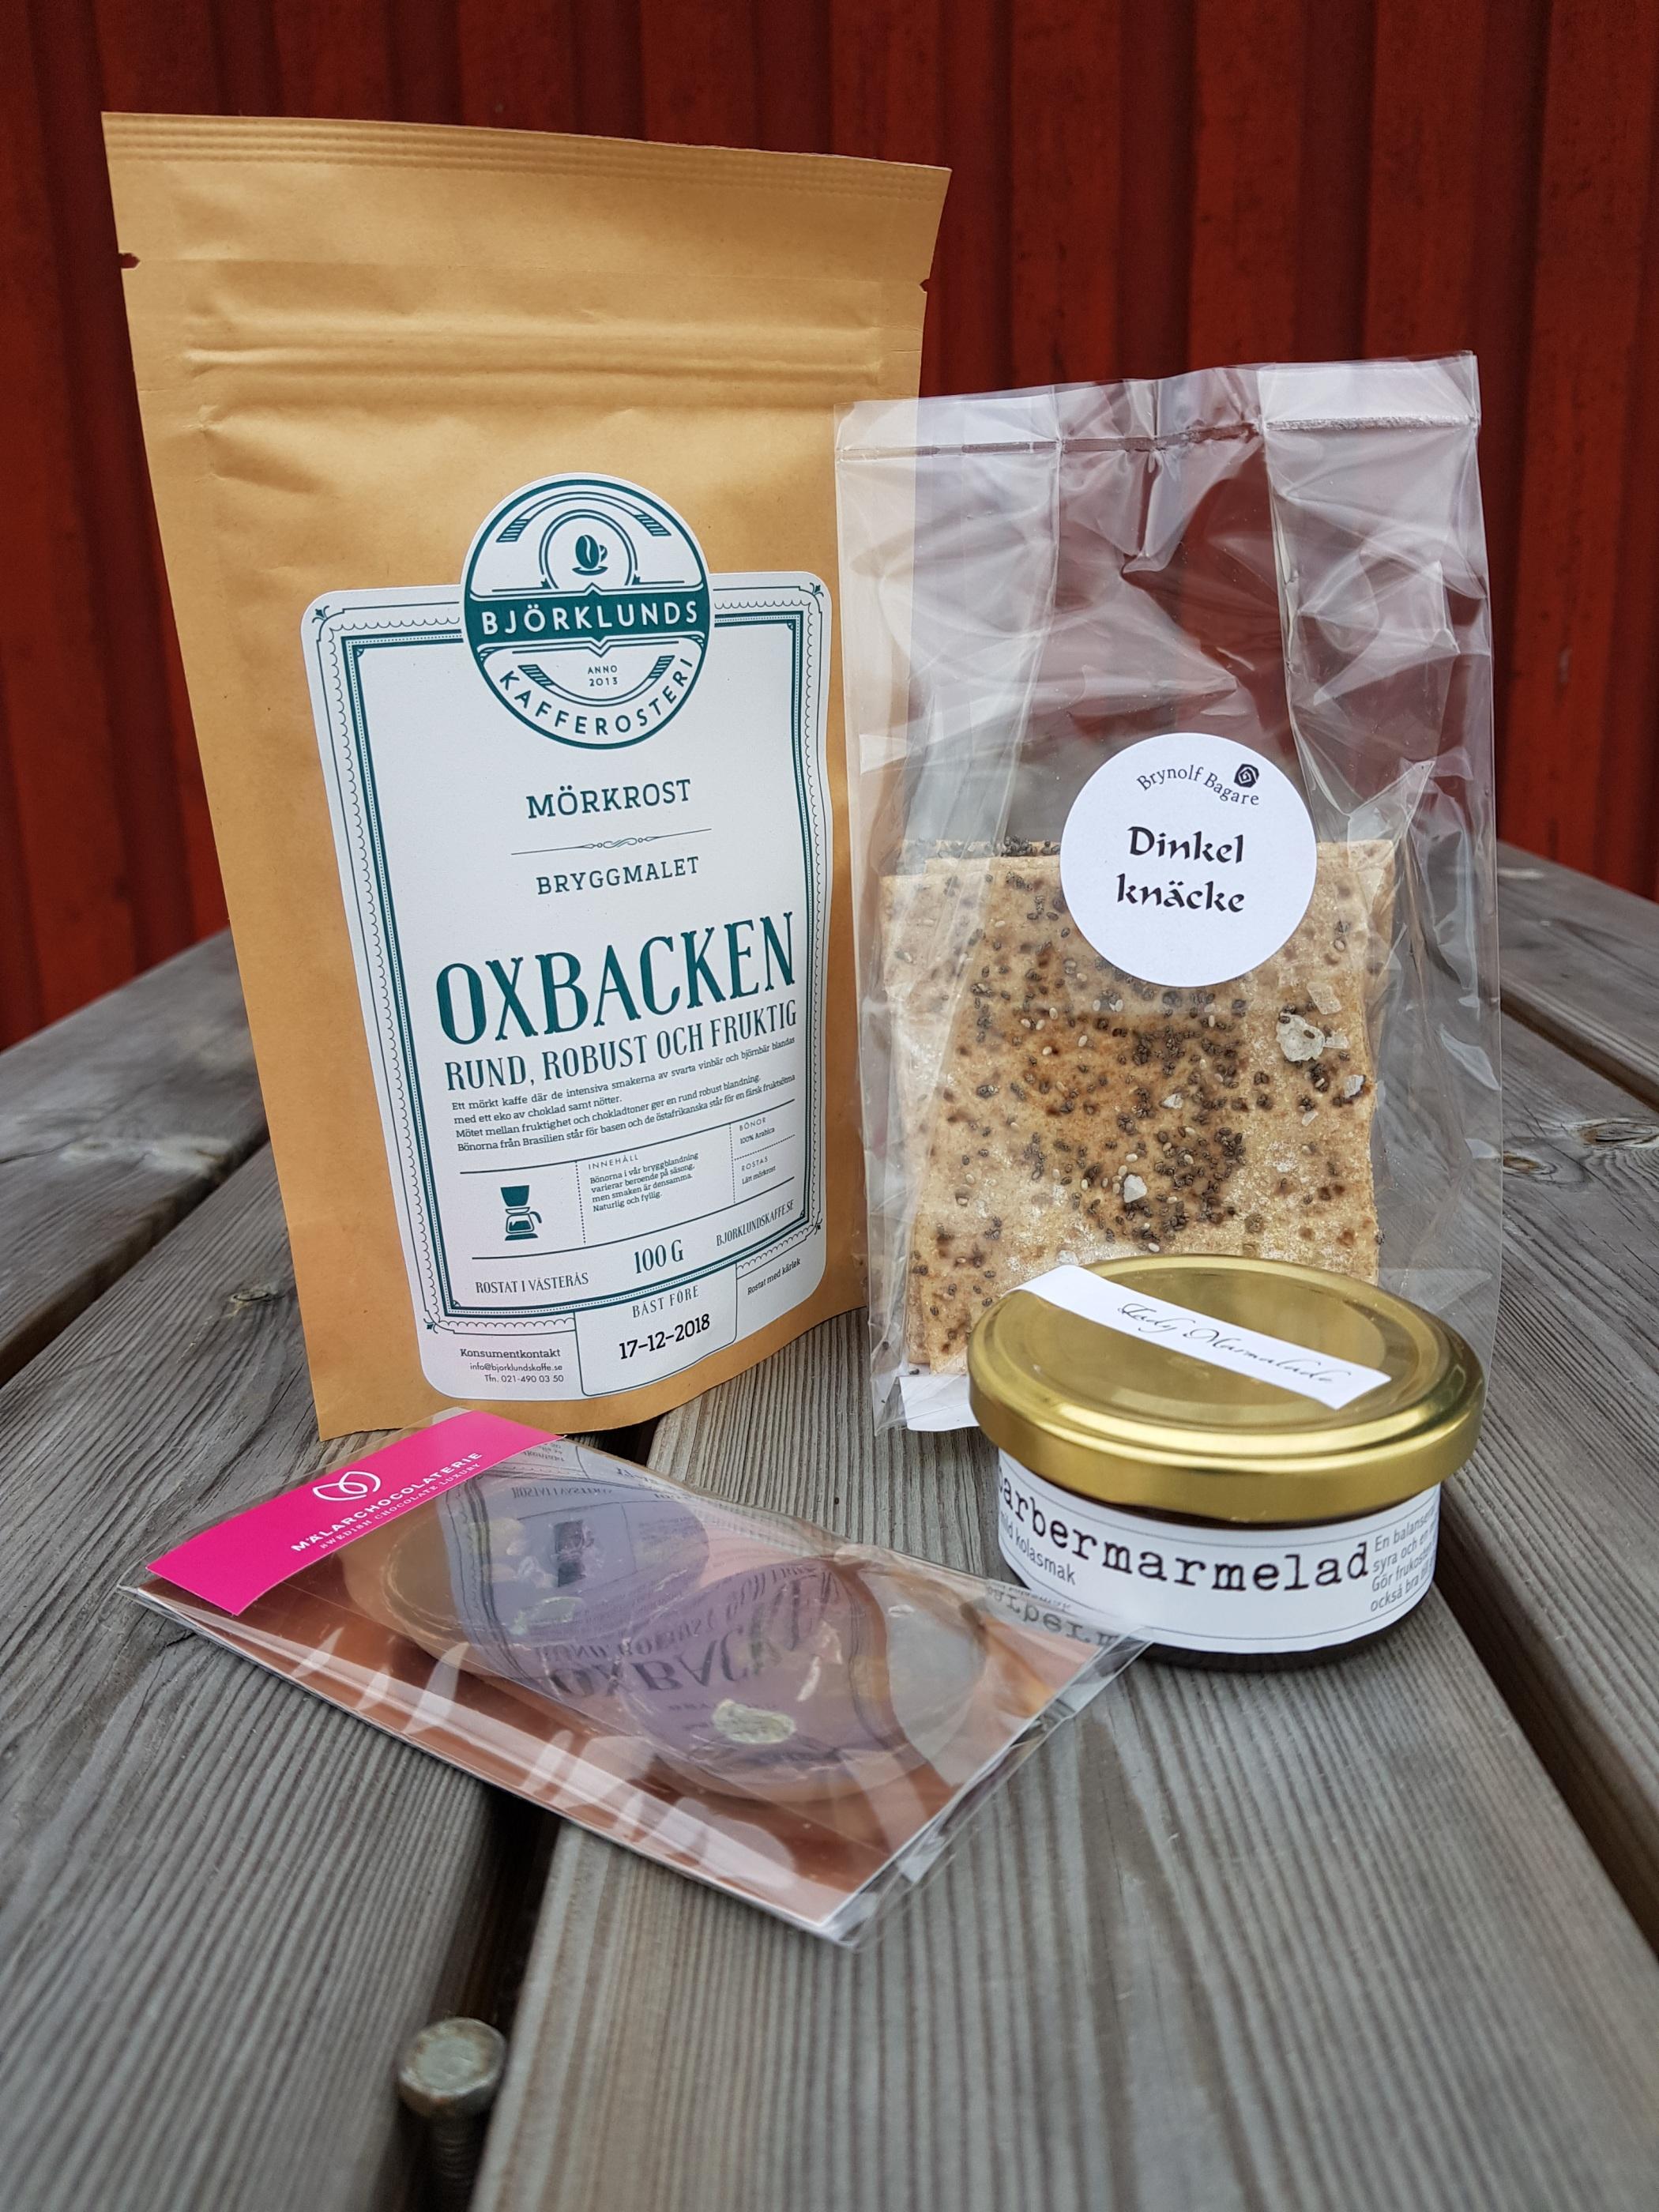 Västmanland lilla produkter